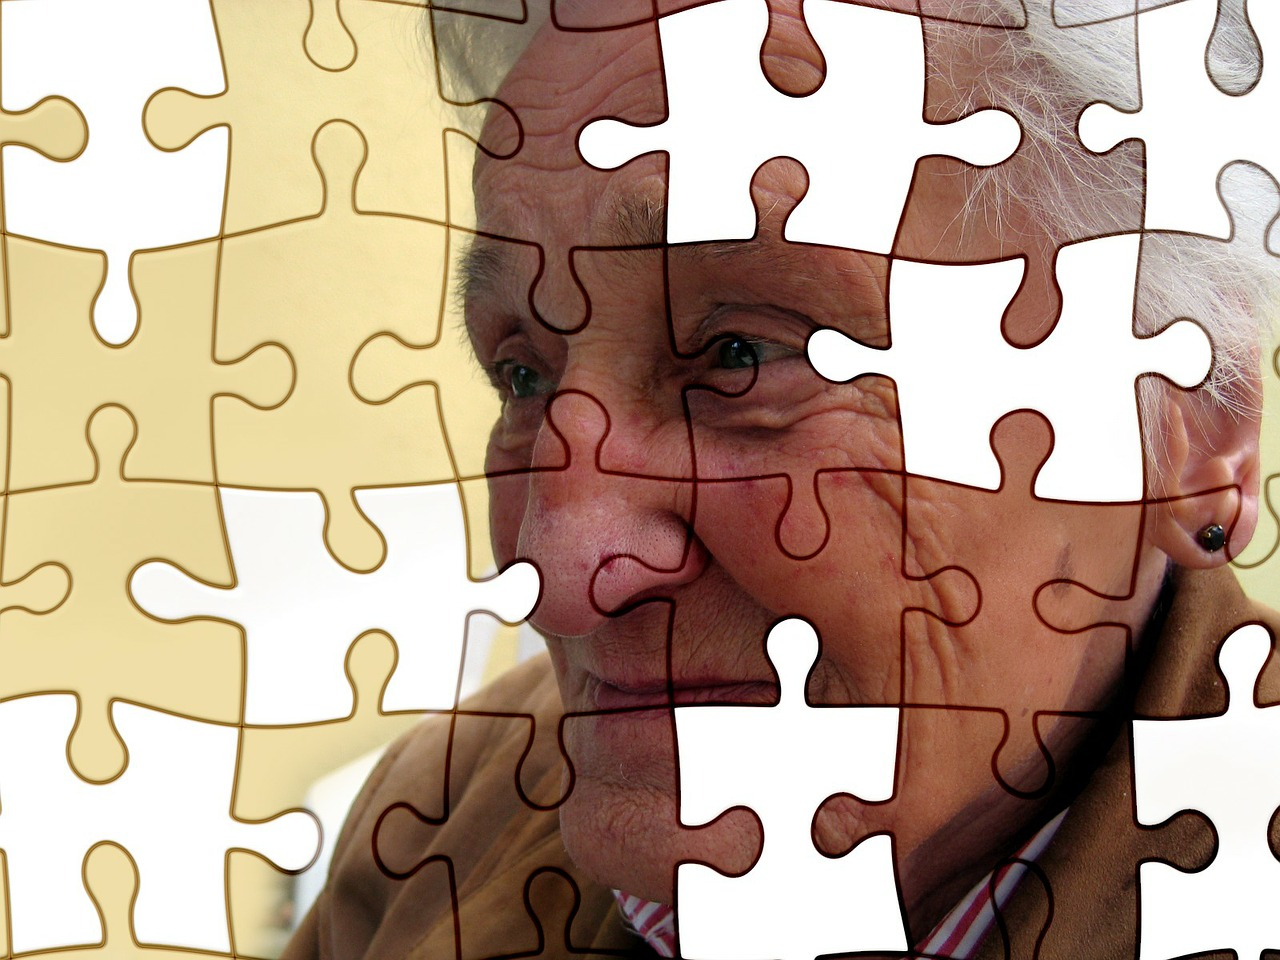 Fallos de memoria en la tercera edad, ¿síntoma de demencia?